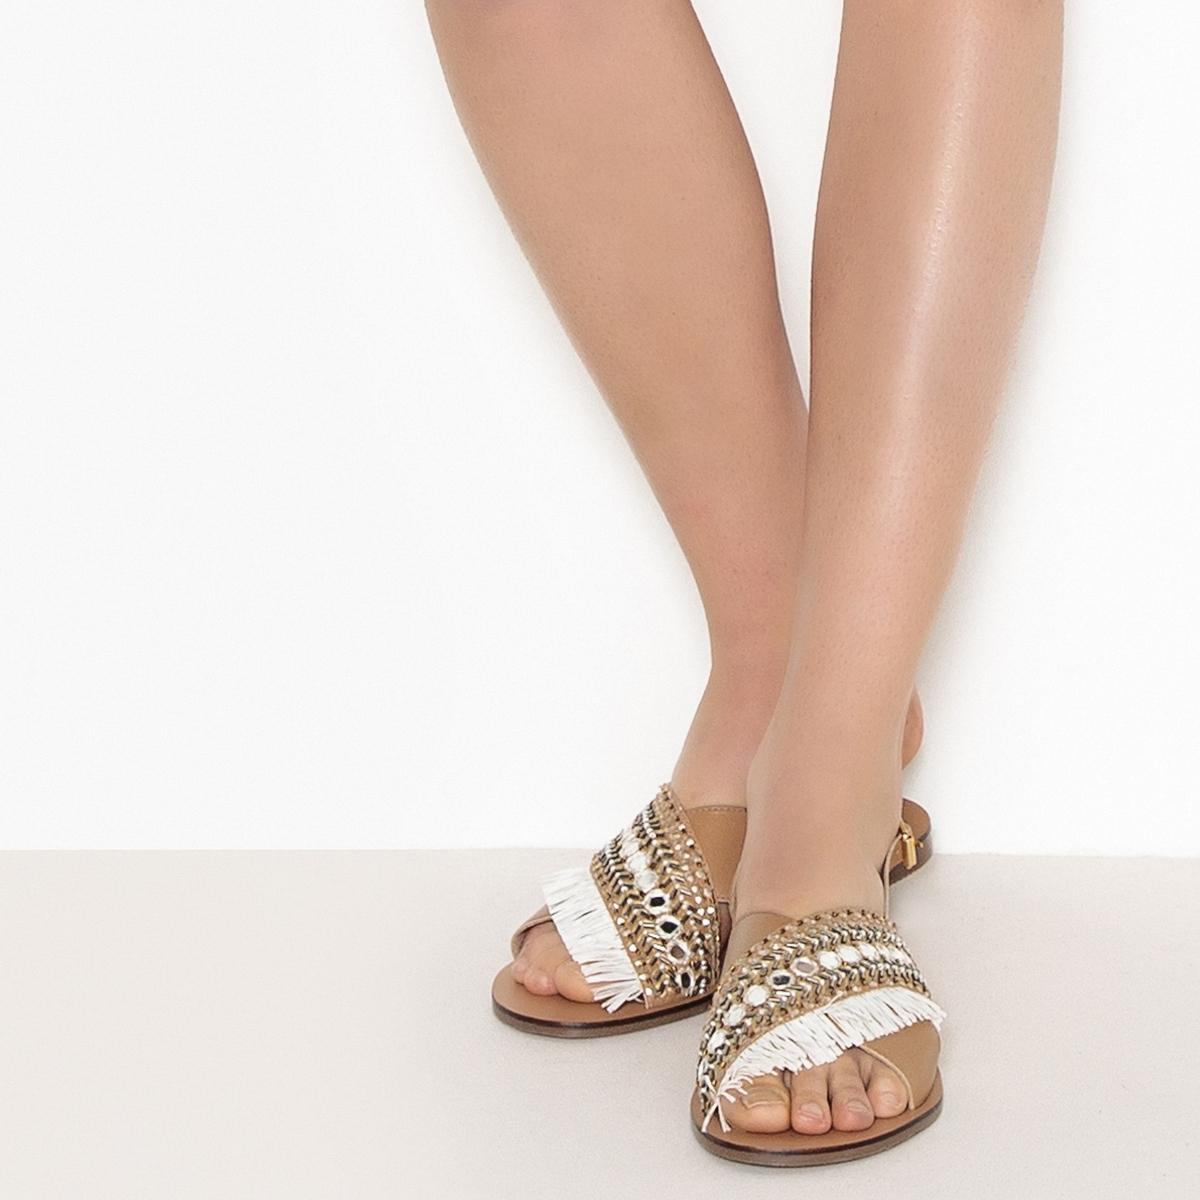 Sandálias em pele, detalhe com franjas